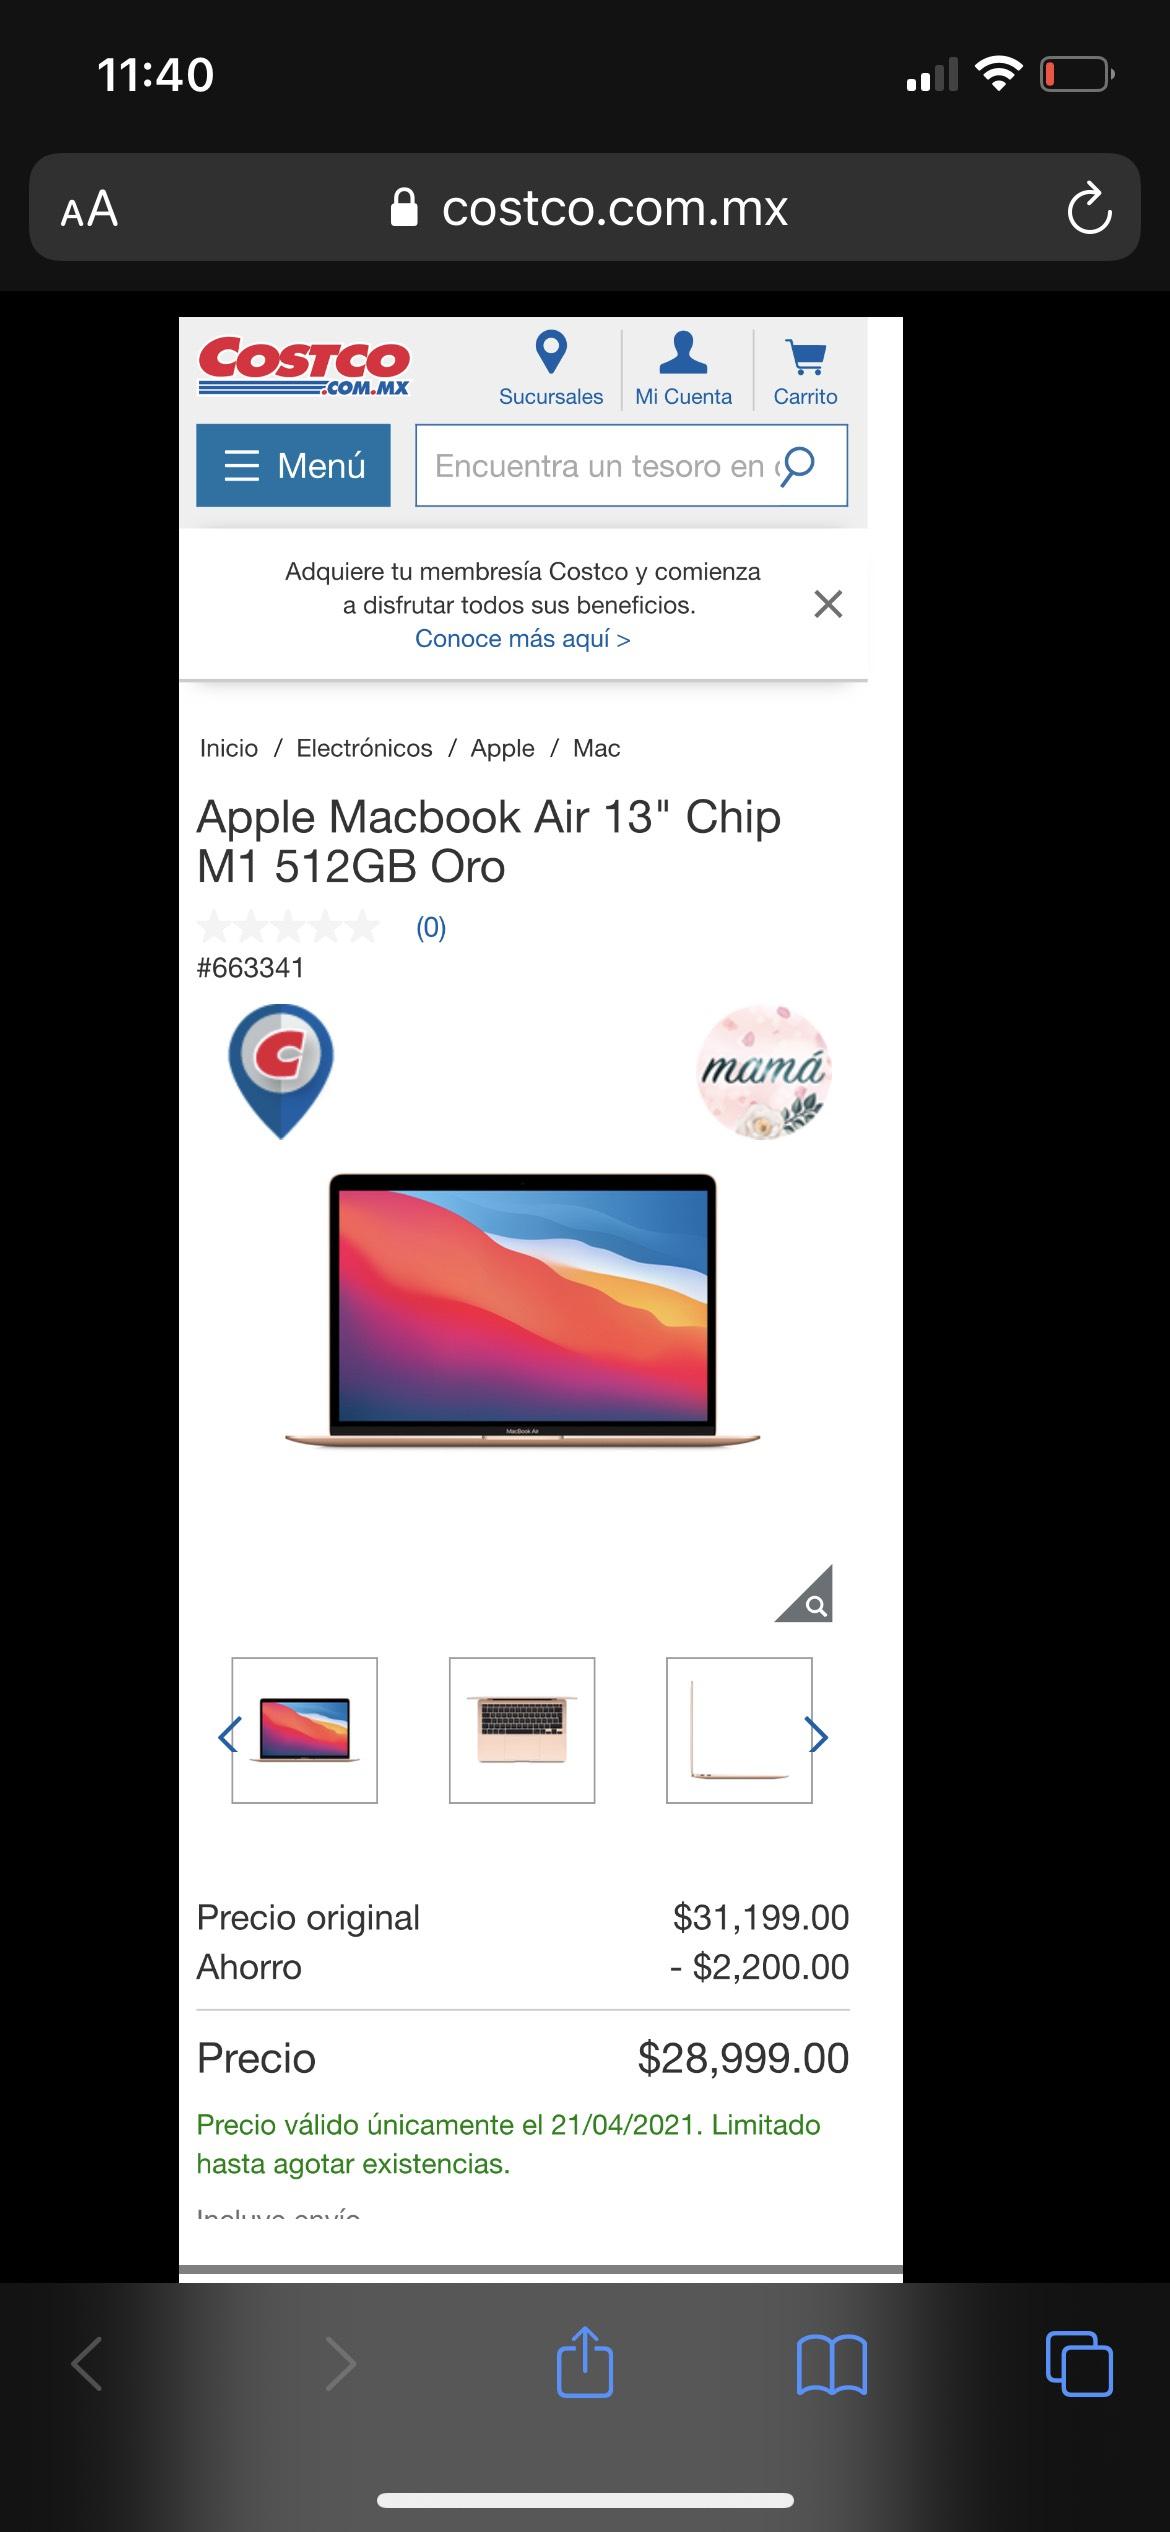 """Costco: Apple Macbook Air 13"""" Chip M1 512GB Oro (Pagando con BBVA)"""